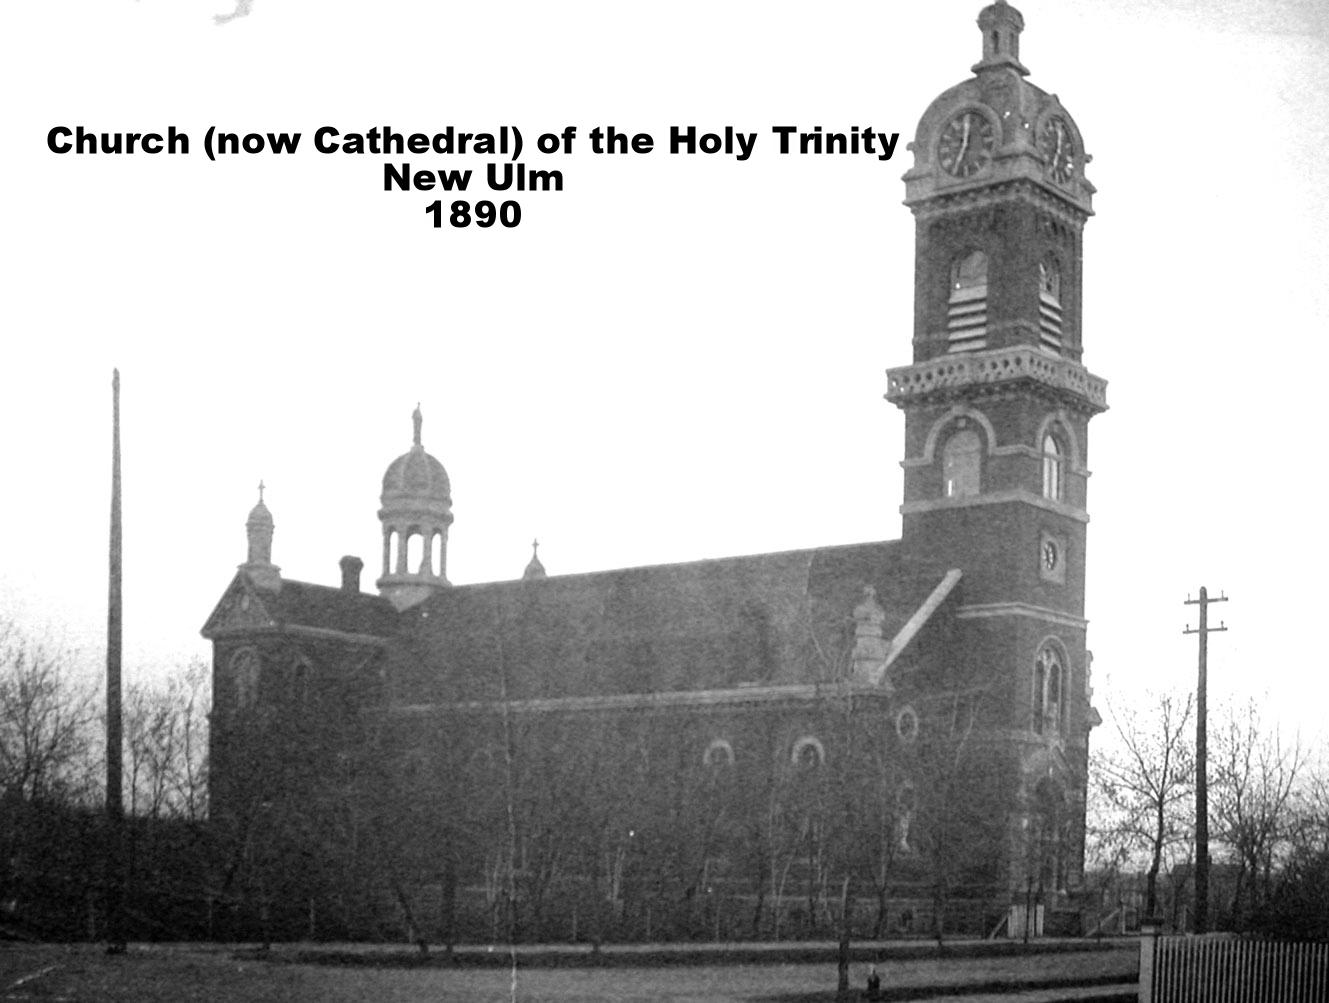 AAL2-Church of the Holy Trinity 1890-New Ulm_087a.jpg